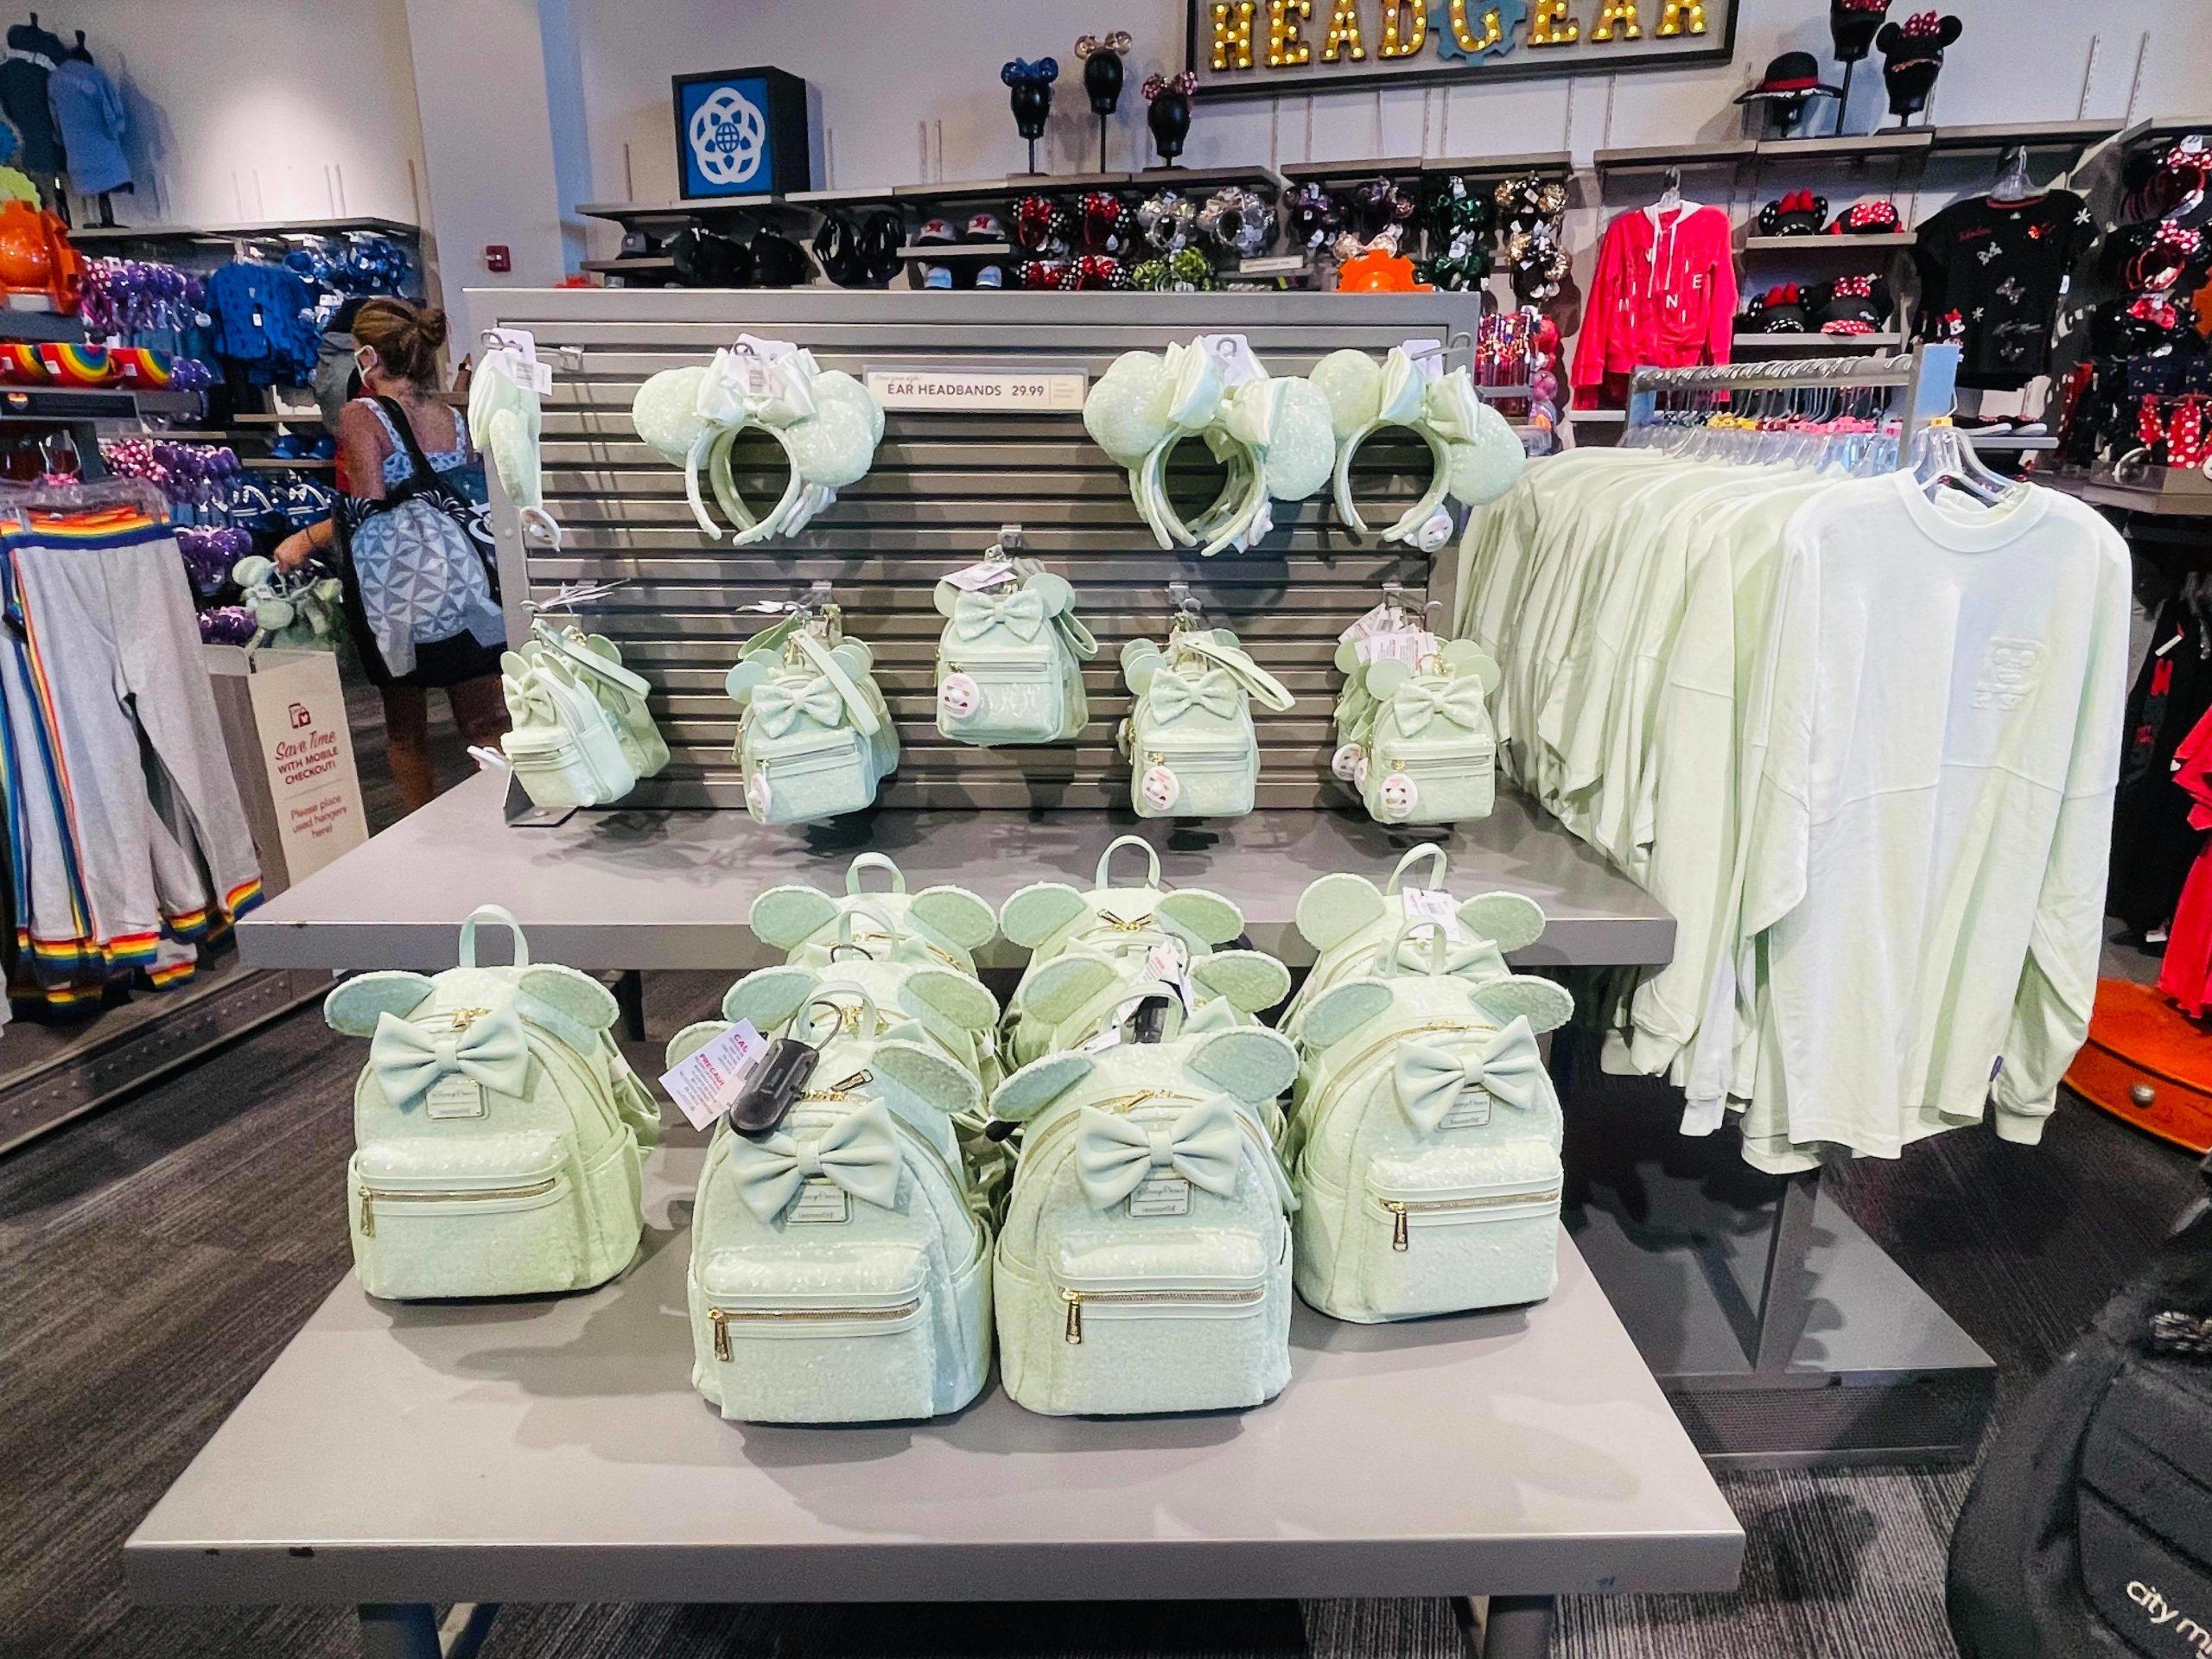 Mint Green arrives on Disney's shelves